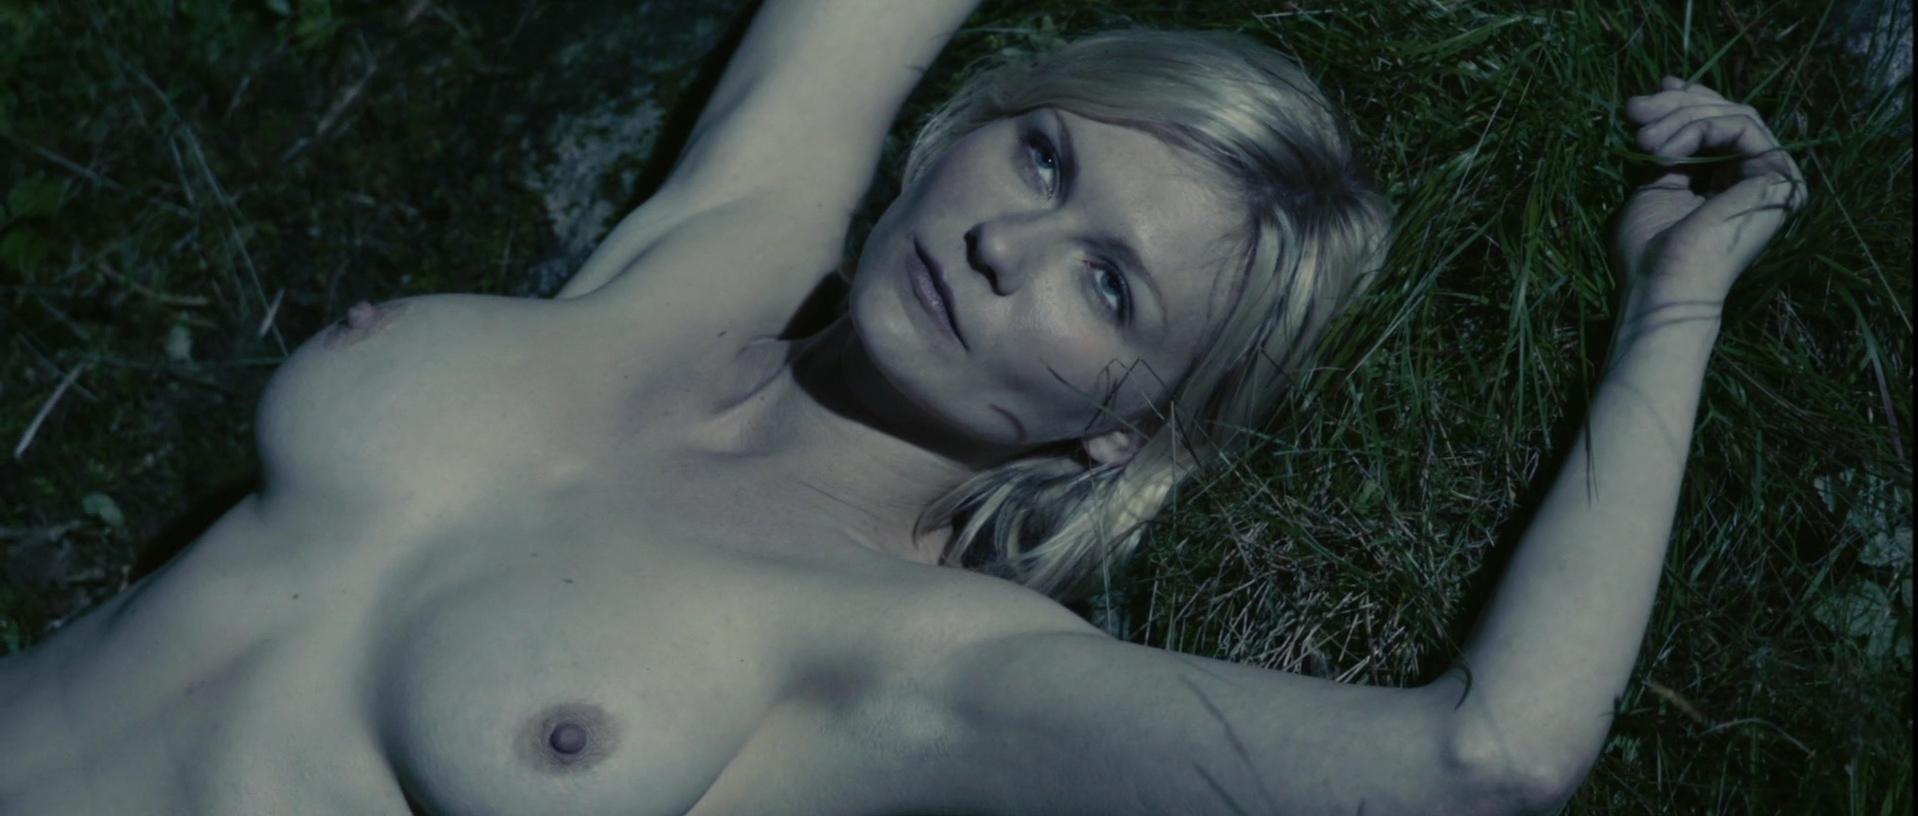 Sex nude kirsten dunst